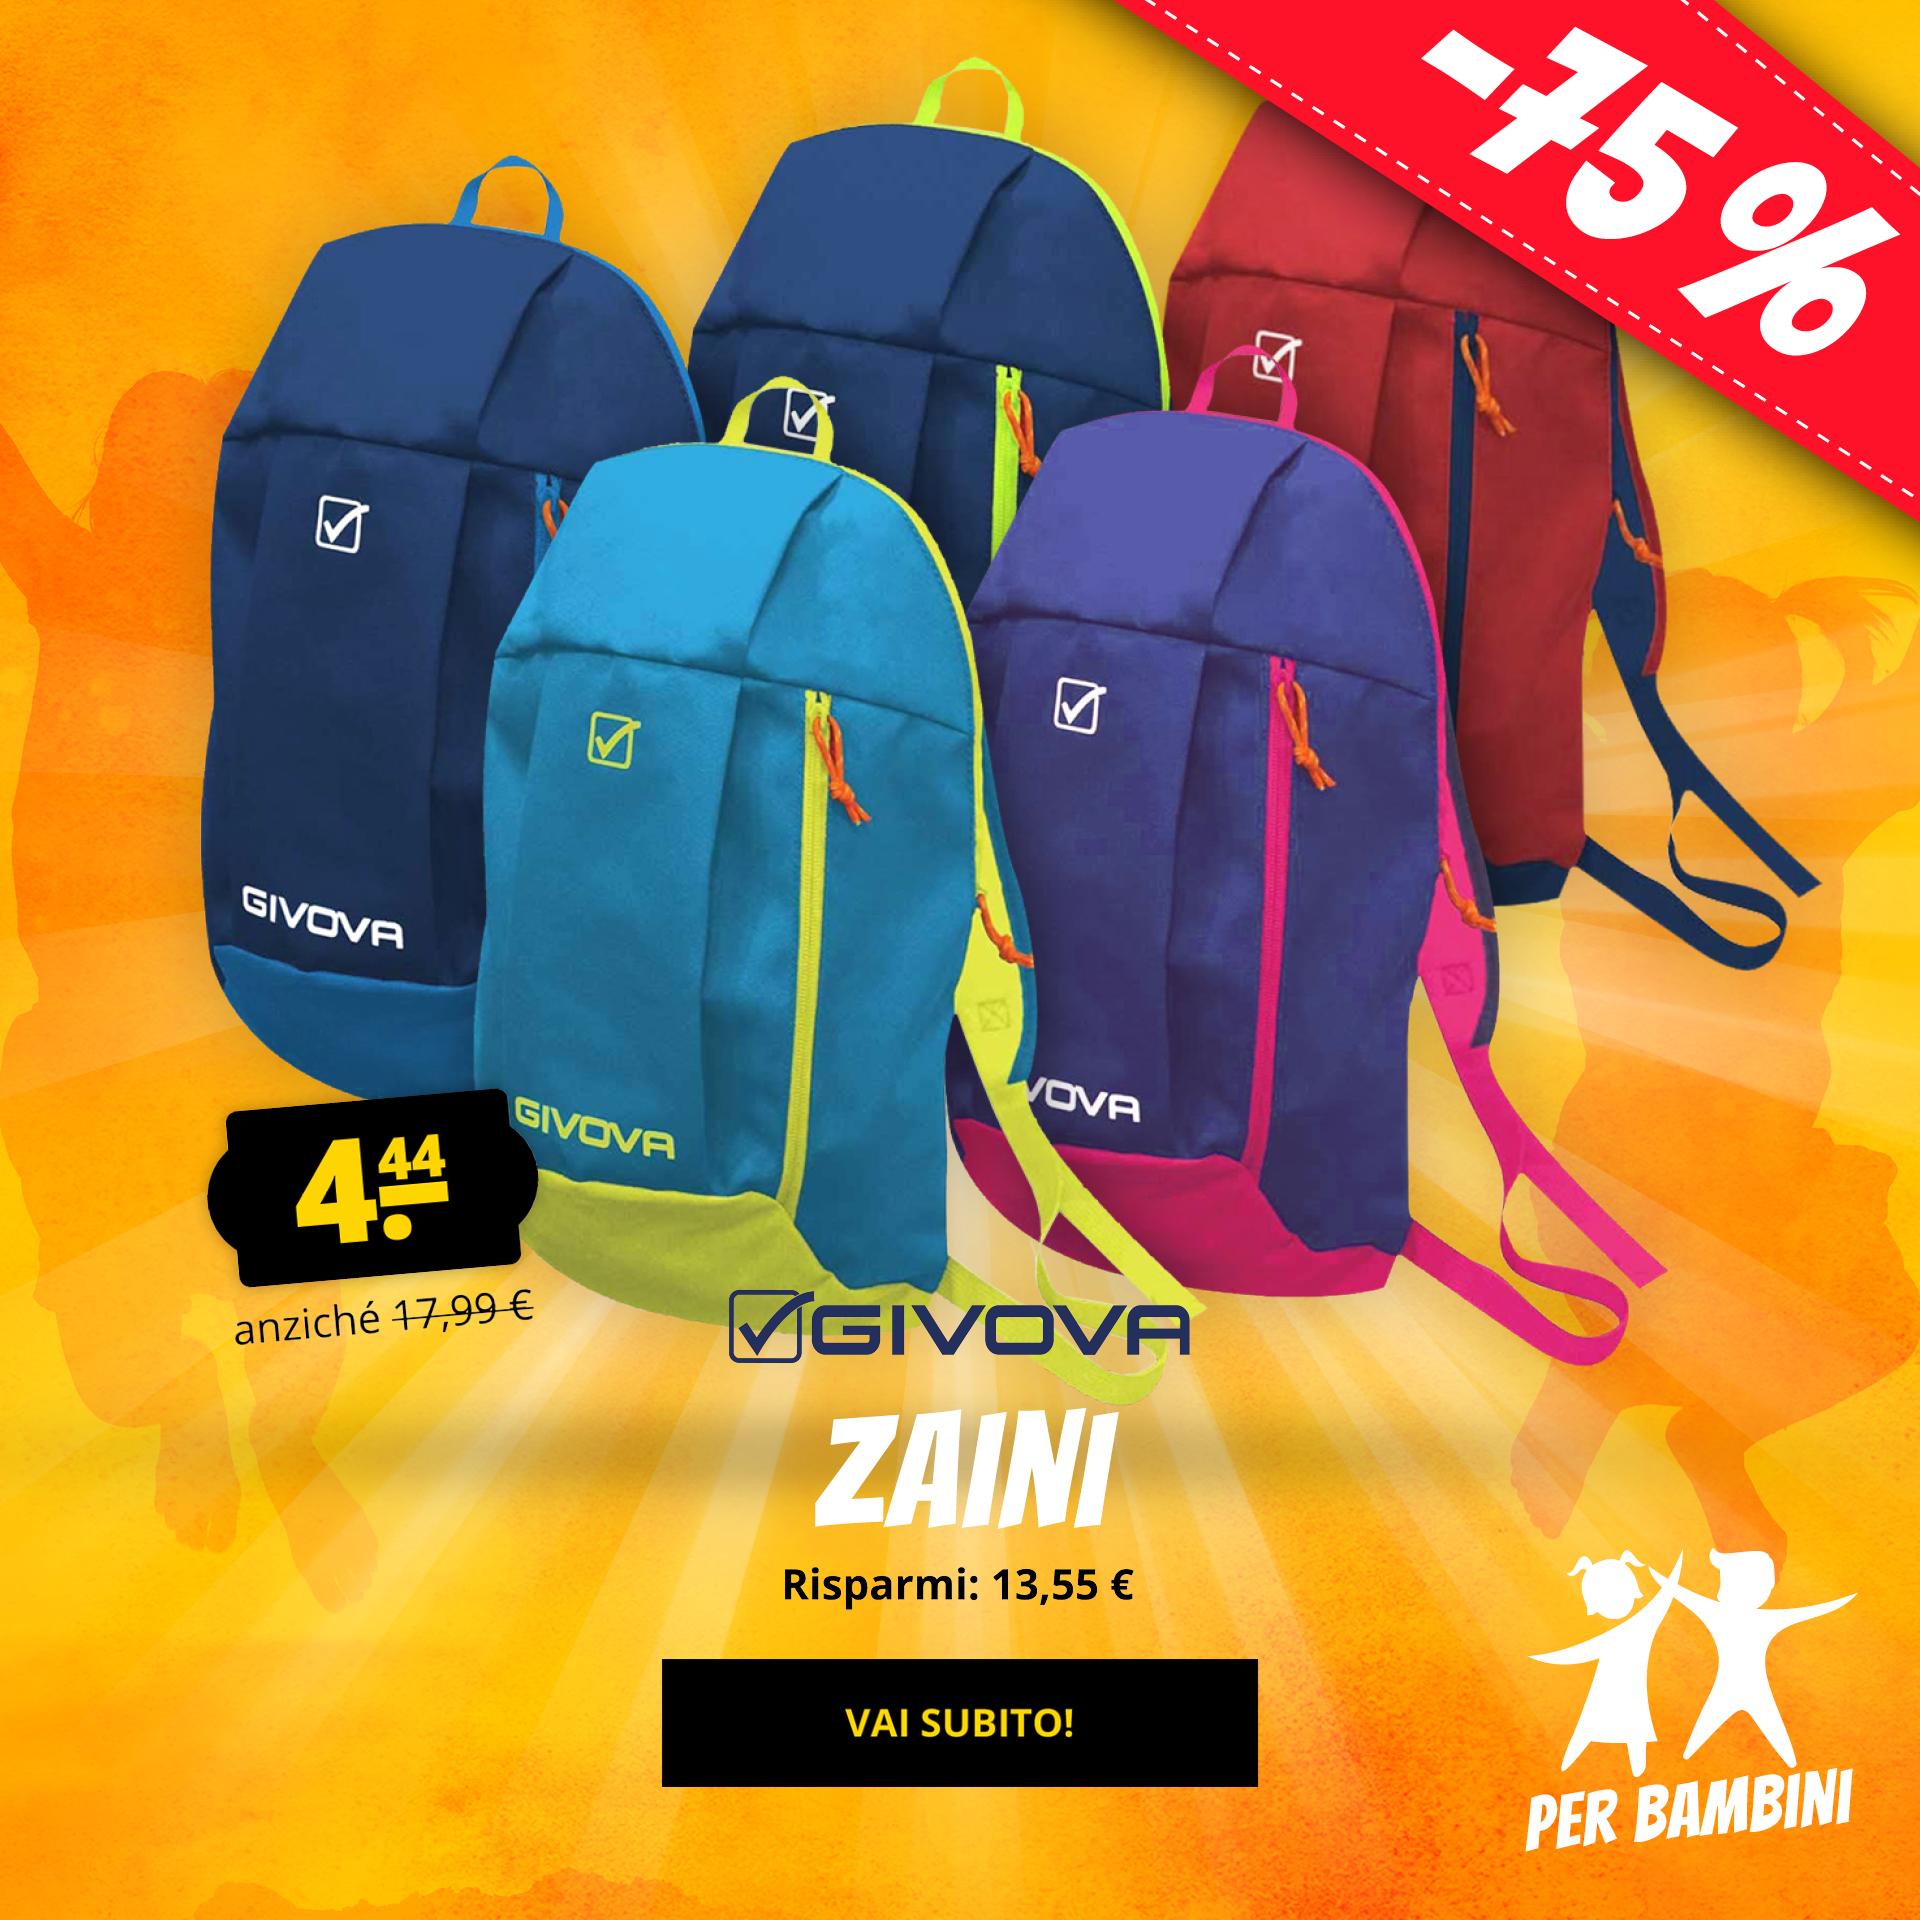 Givova Zaini solo 4,44 €